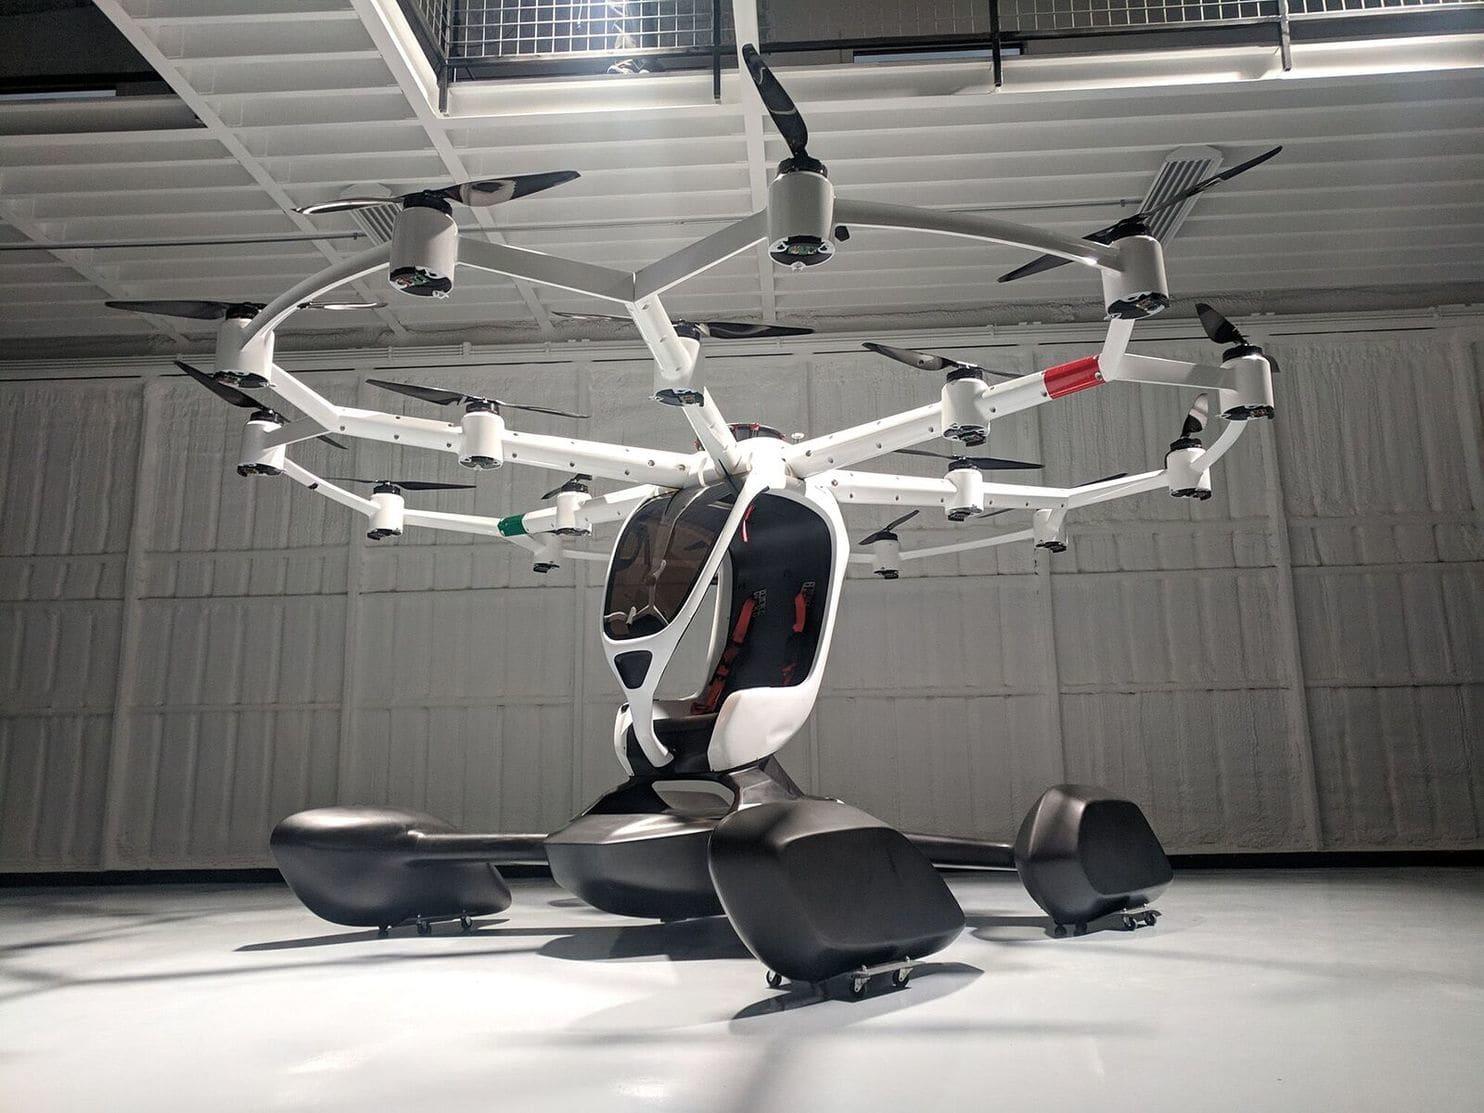 भविष्य की यात्रा को सुगम बनाएगा पैसेंजर ड्रोन